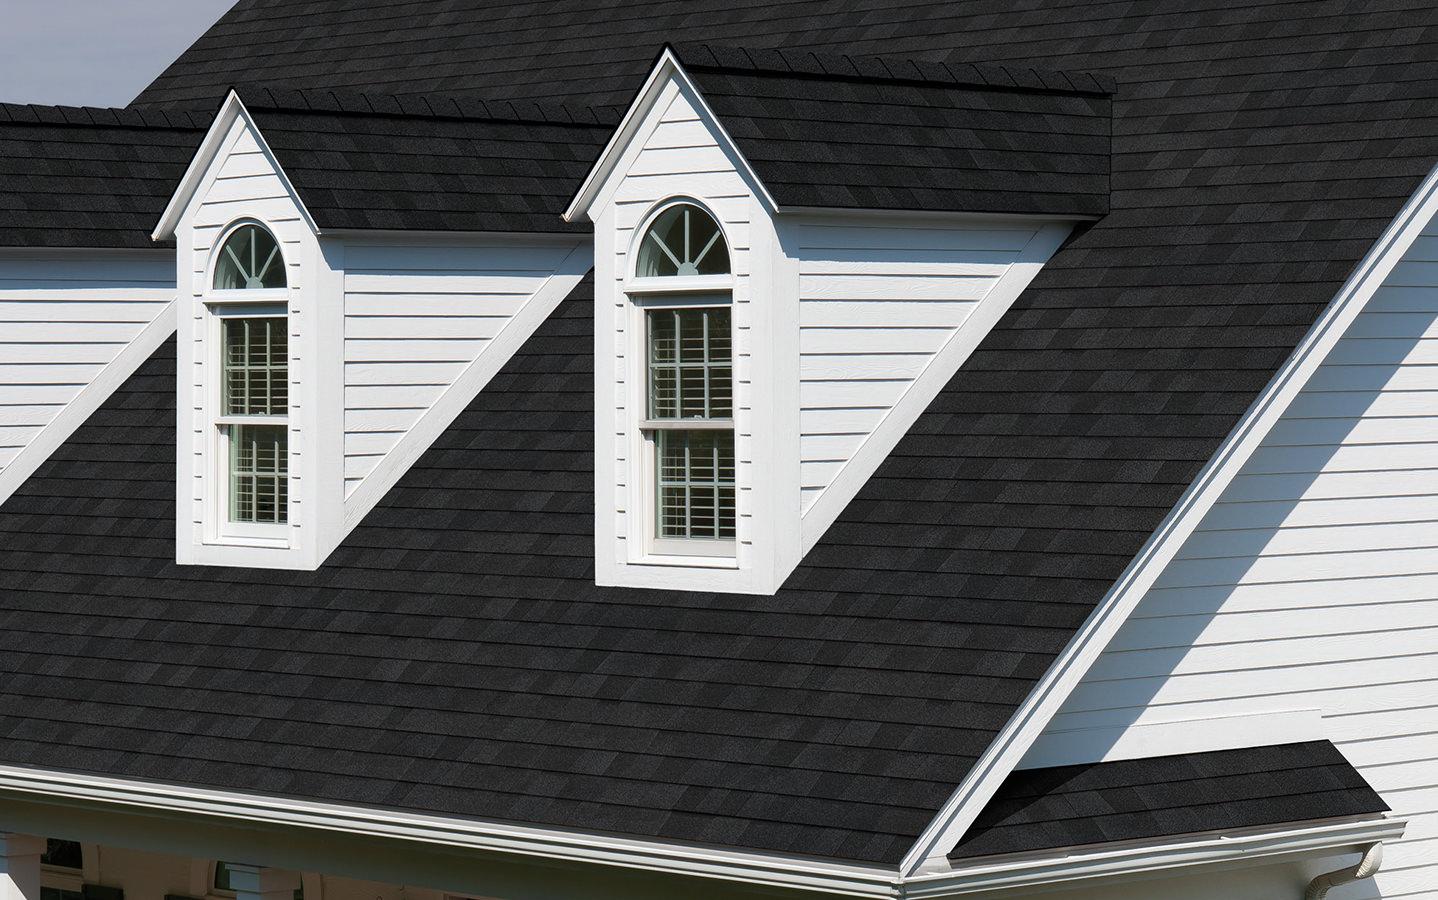 Na dachu widoczny gont marki Owens Corning z linii TruDefinition Duration w kolorze Onyx Black